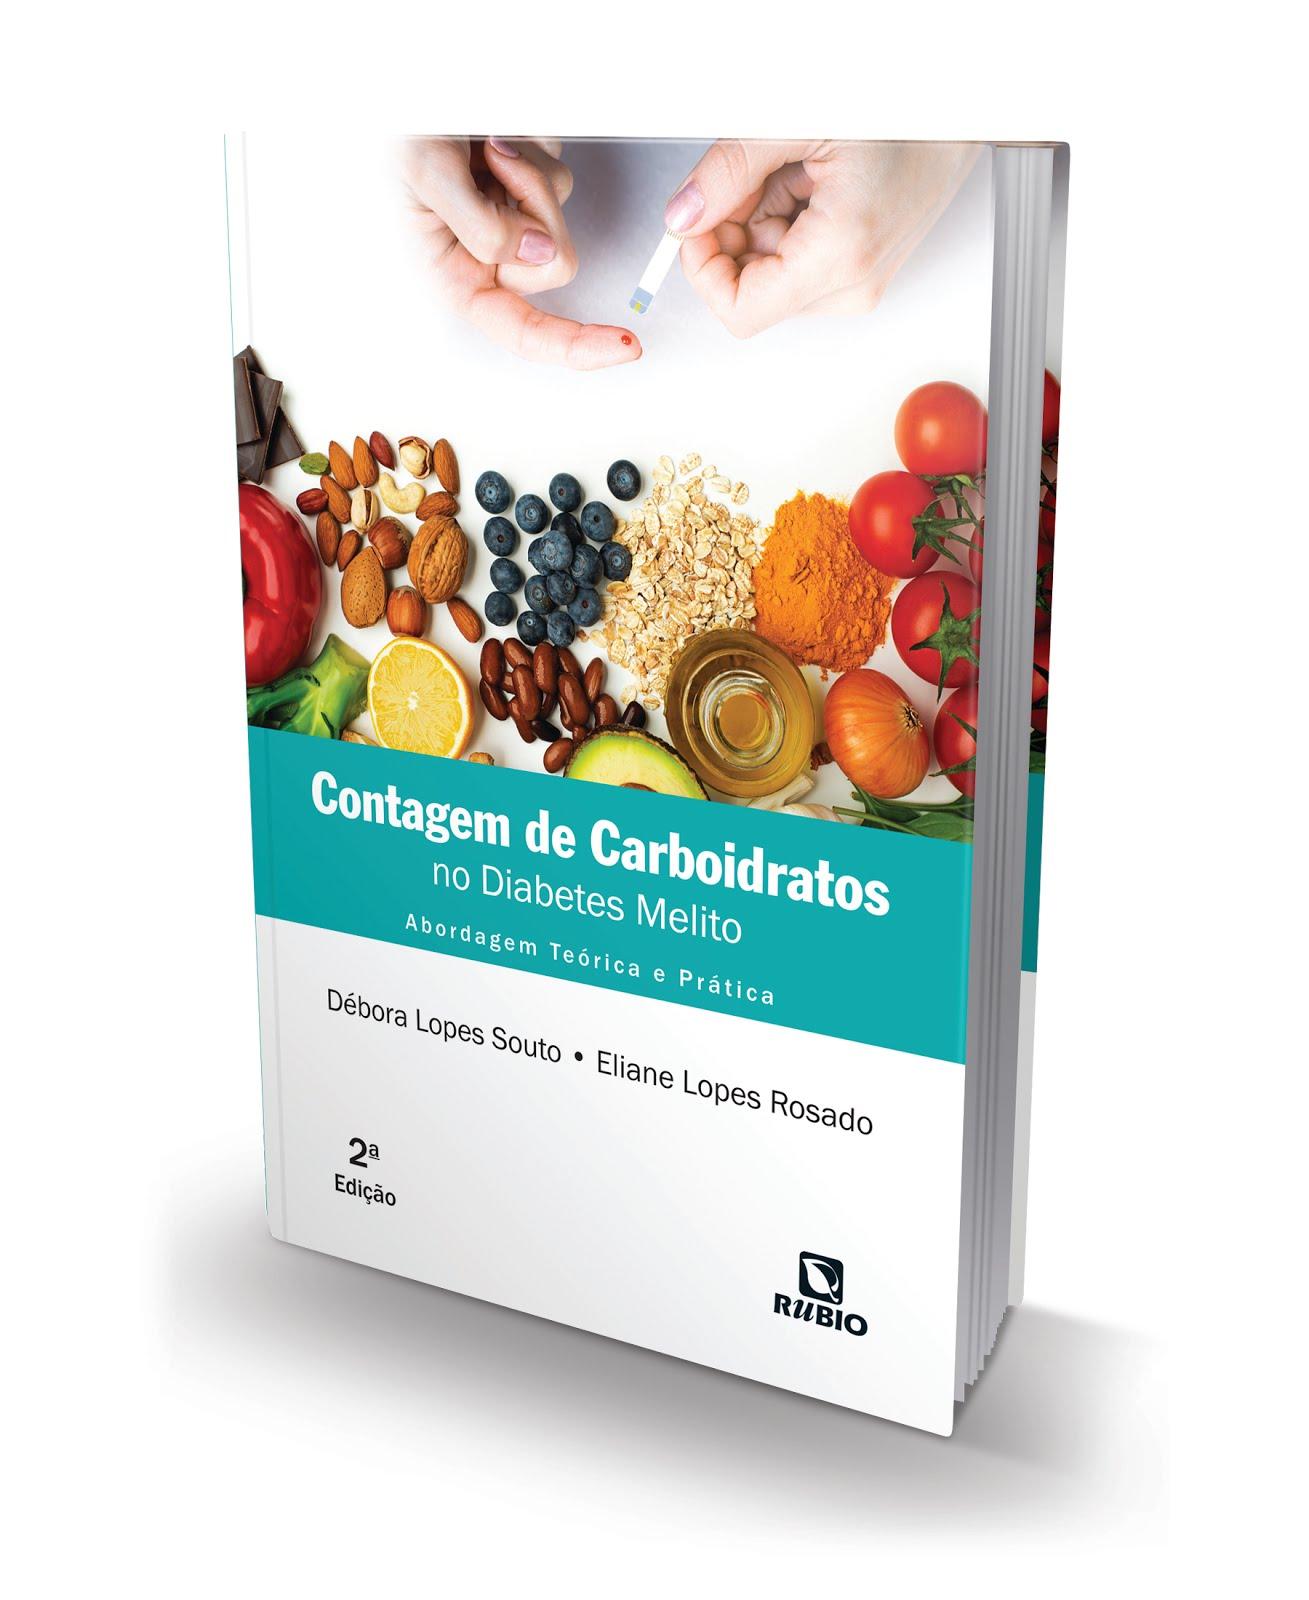 Contagem de Carboidratos no Diabetes Melito - Abordagem Teórica e Prática